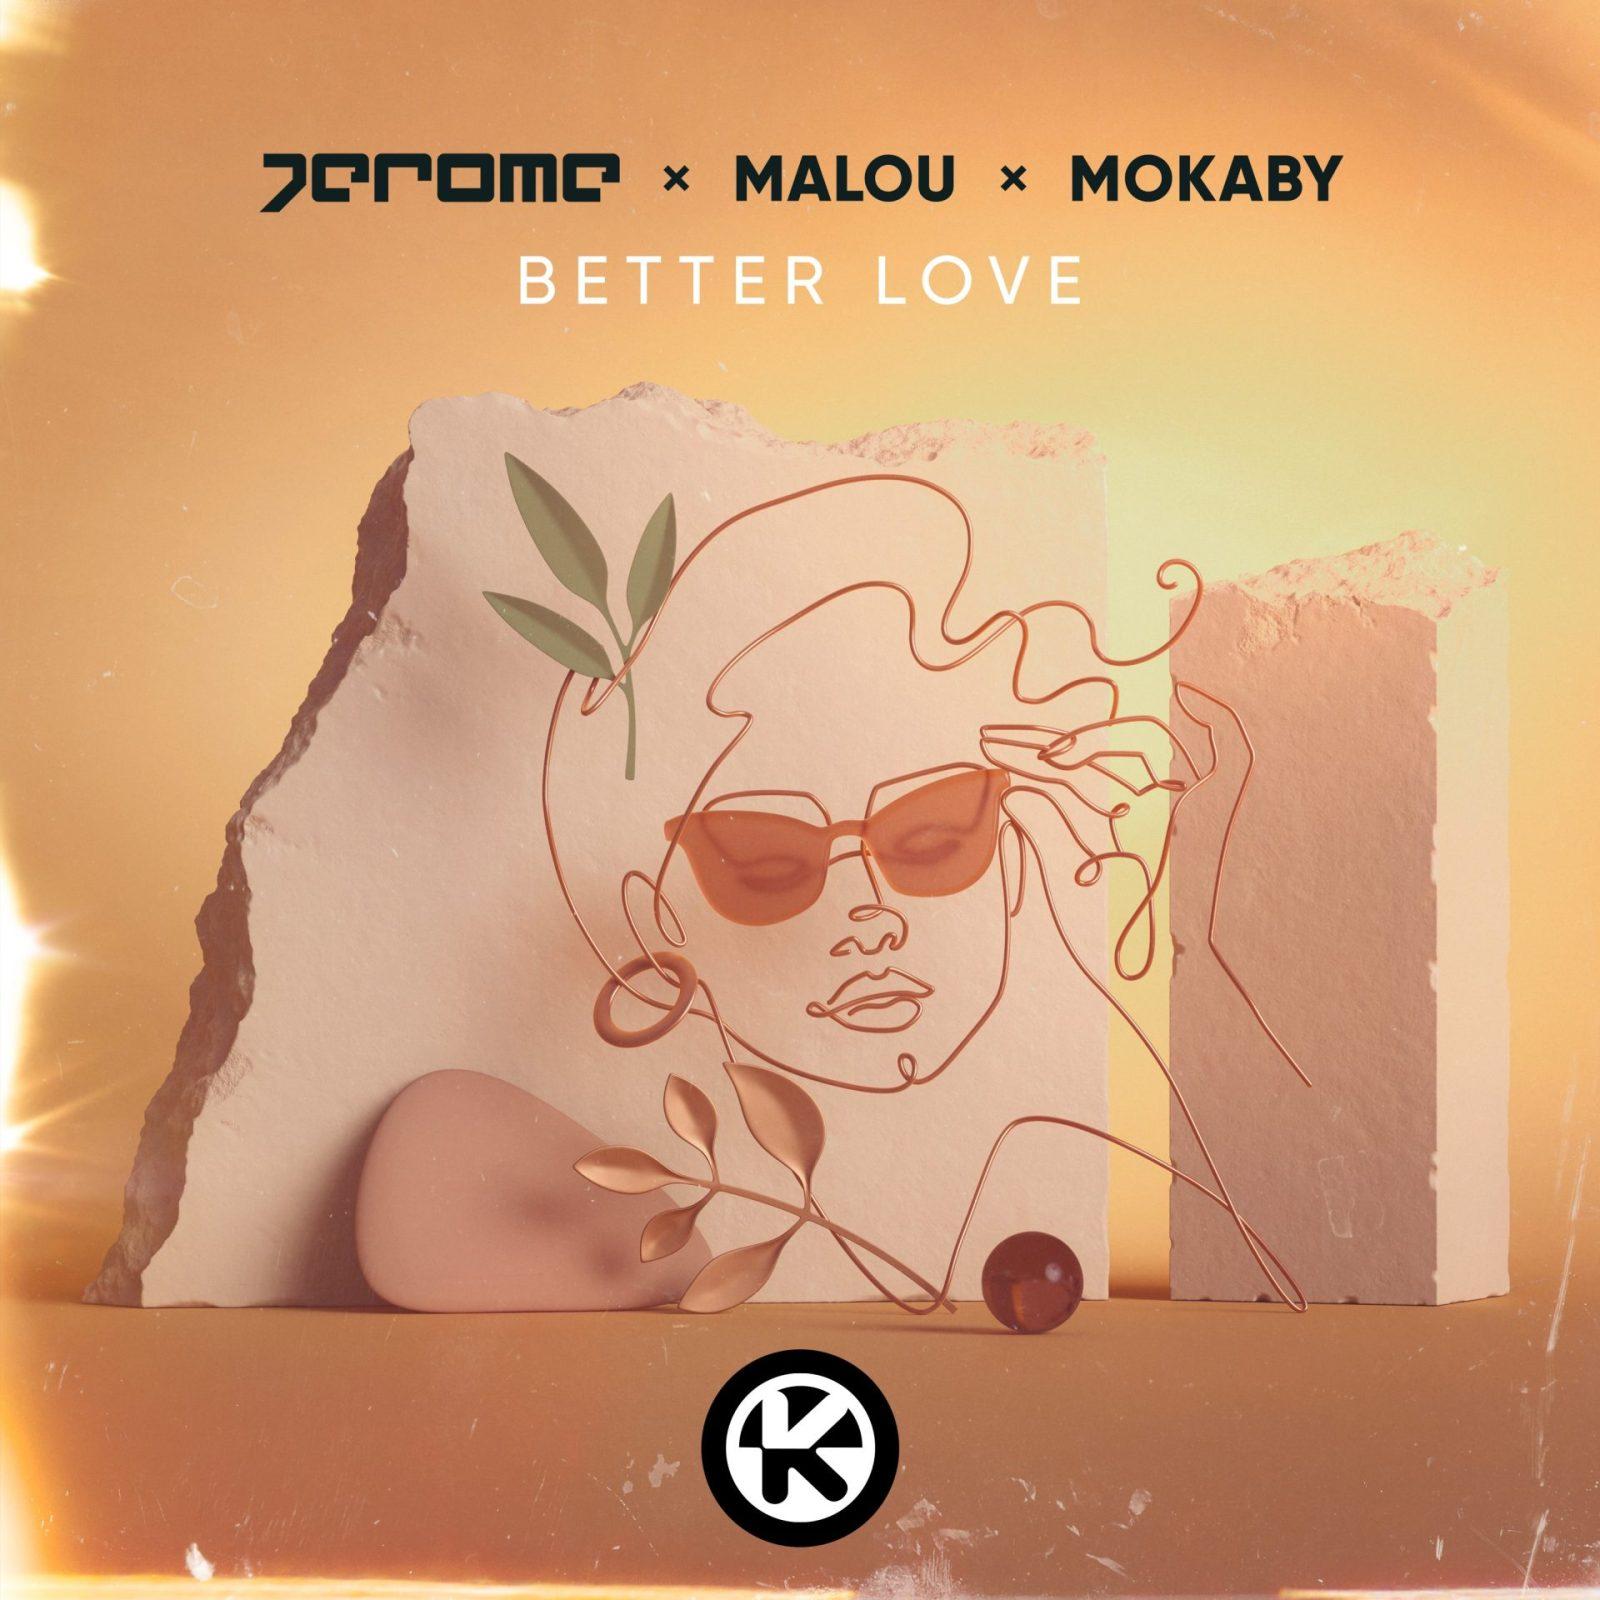 JEROME X MALOU X MOKABY - BETTER LOVE - VÖ: 15.10.2021